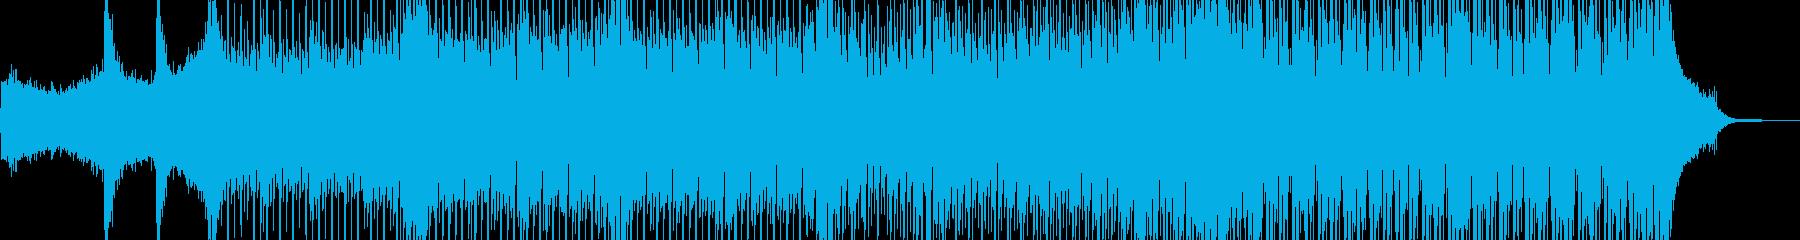 近未来を思い描いたテクノポップ Dの再生済みの波形